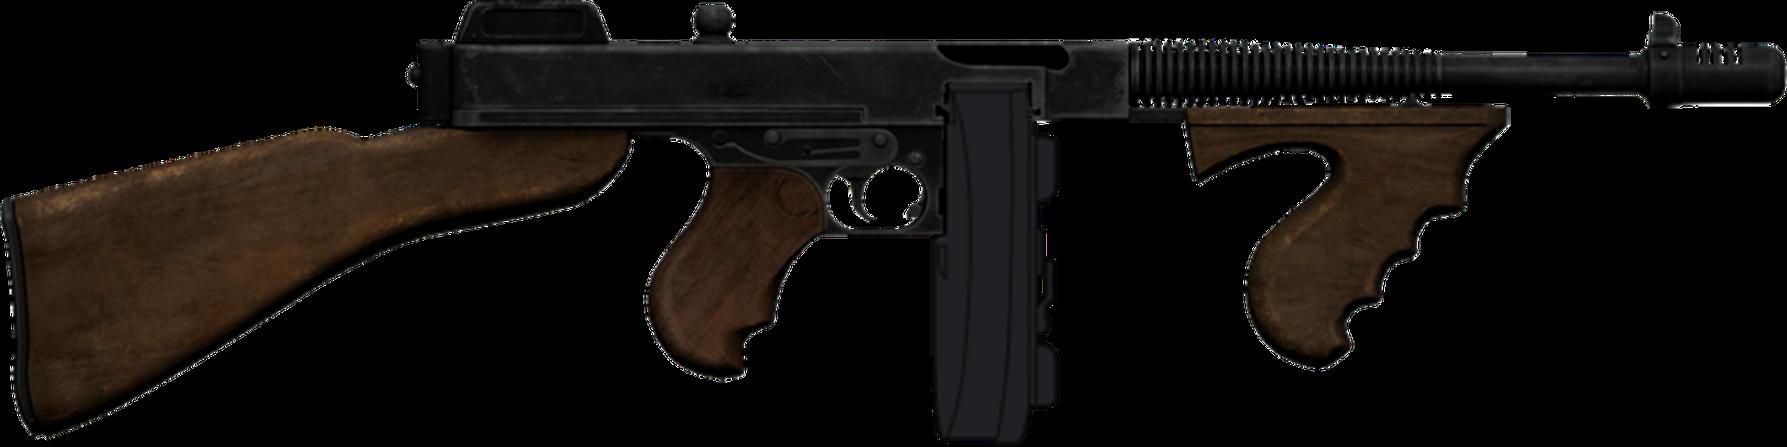 M1928 Thompson Drum Arma 3